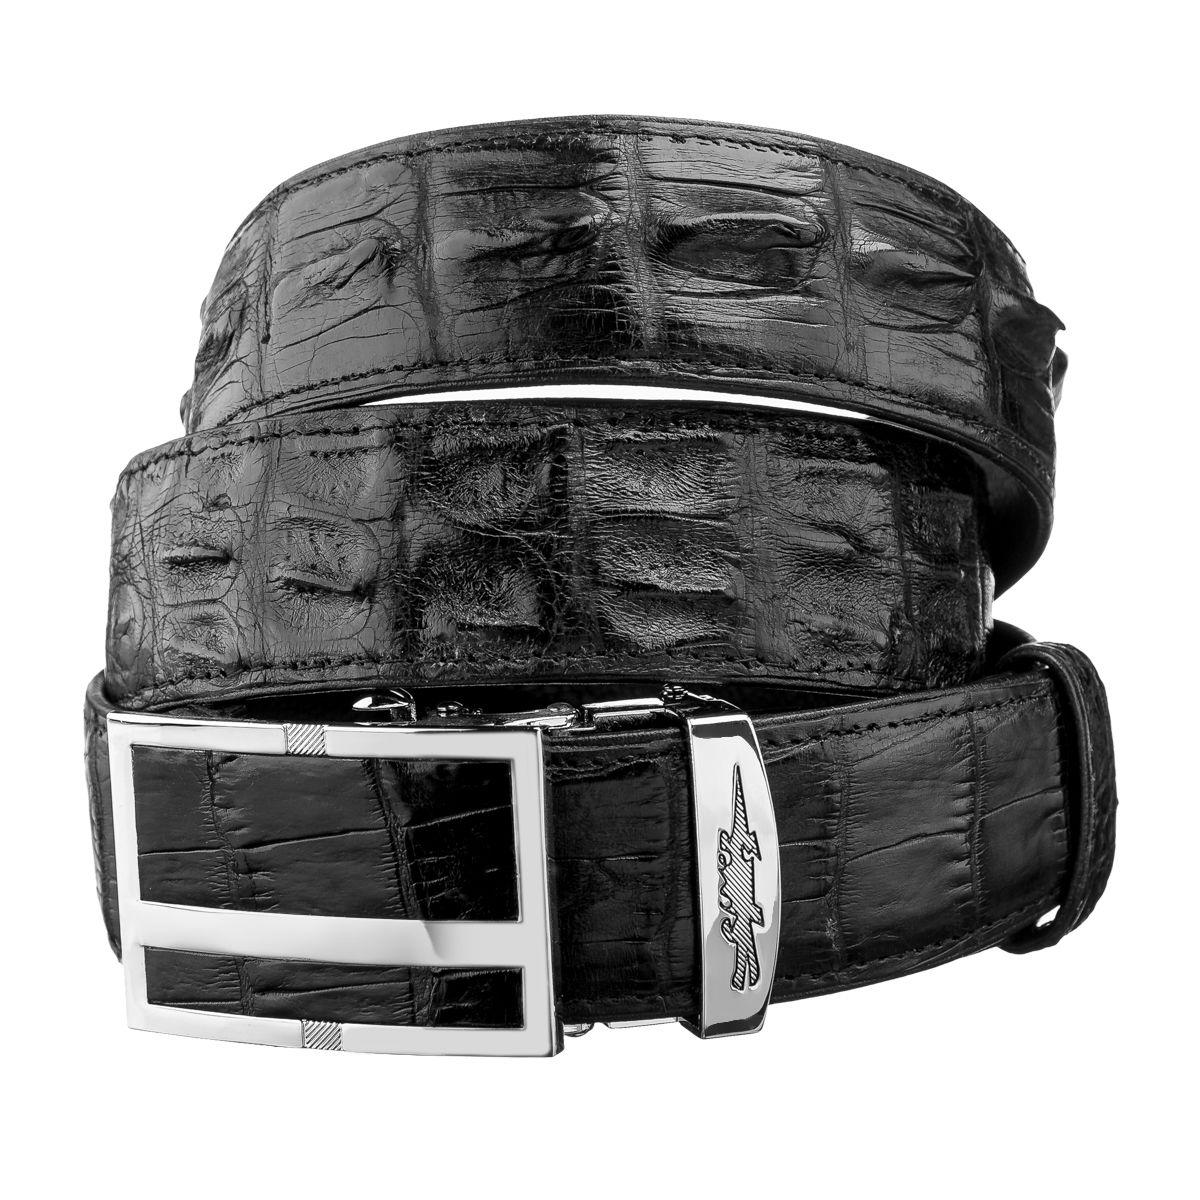 Ремень-автомат Ekzotic Leather из натуральной кожи крокодила Черный